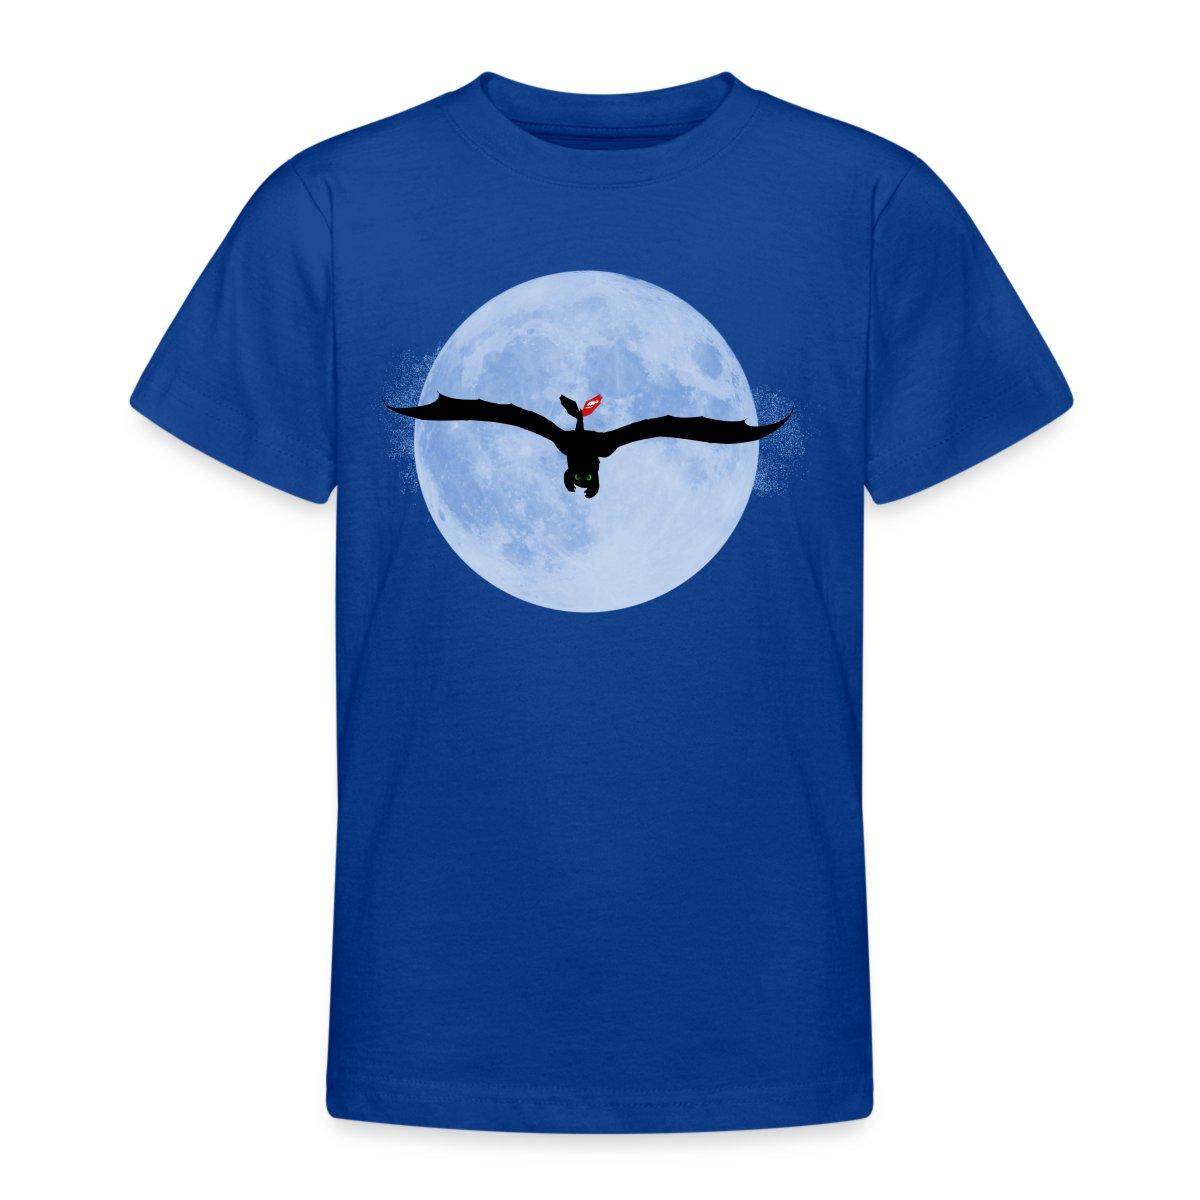 DreamWorks-Dragons-Drachenzaehmen-Ohnezahn-Vollmond-Teenager-T-Shirt-von